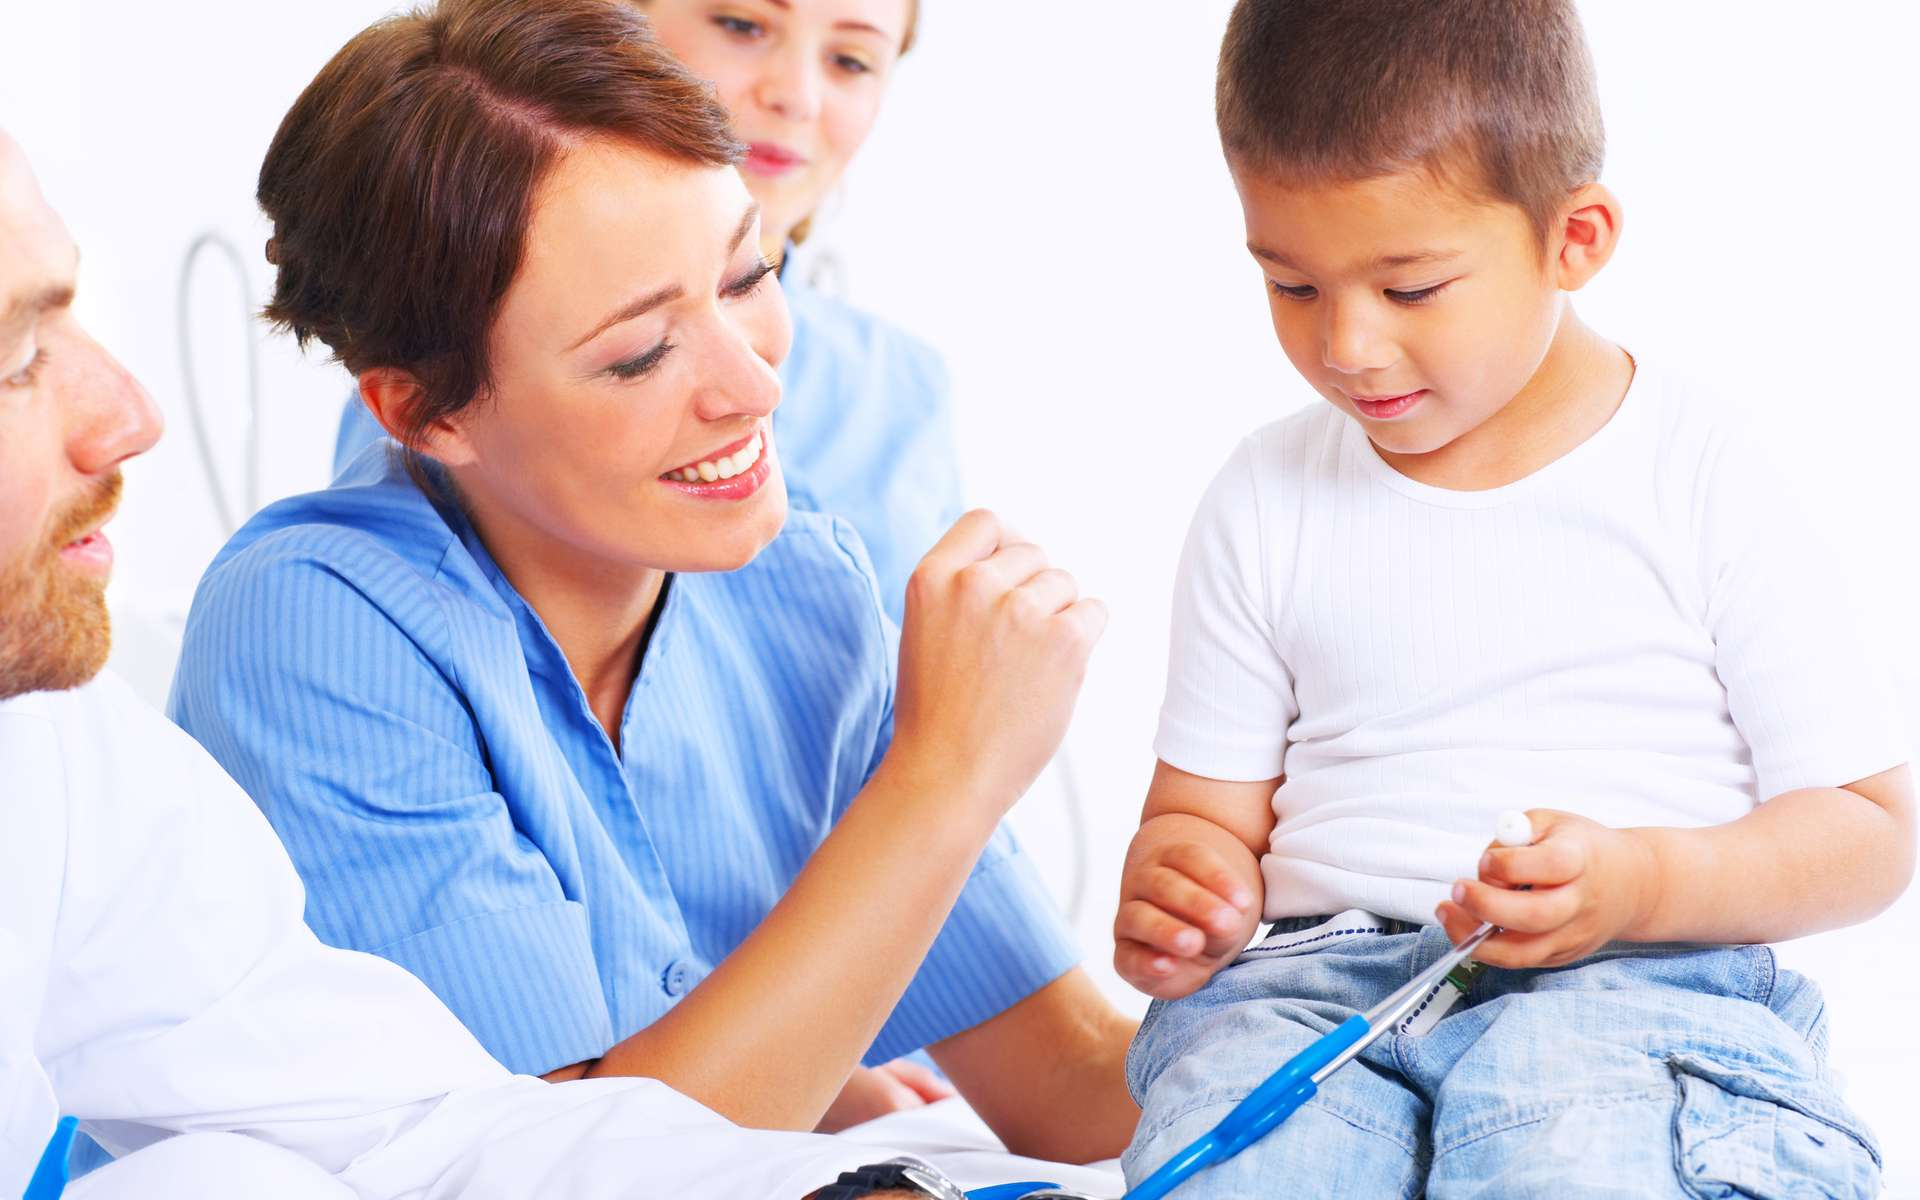 Chaque année, 500 nouveaux cas de leucémies infantiles sont diagnostiqués en France. © Yuri Arcurs - Fotolia